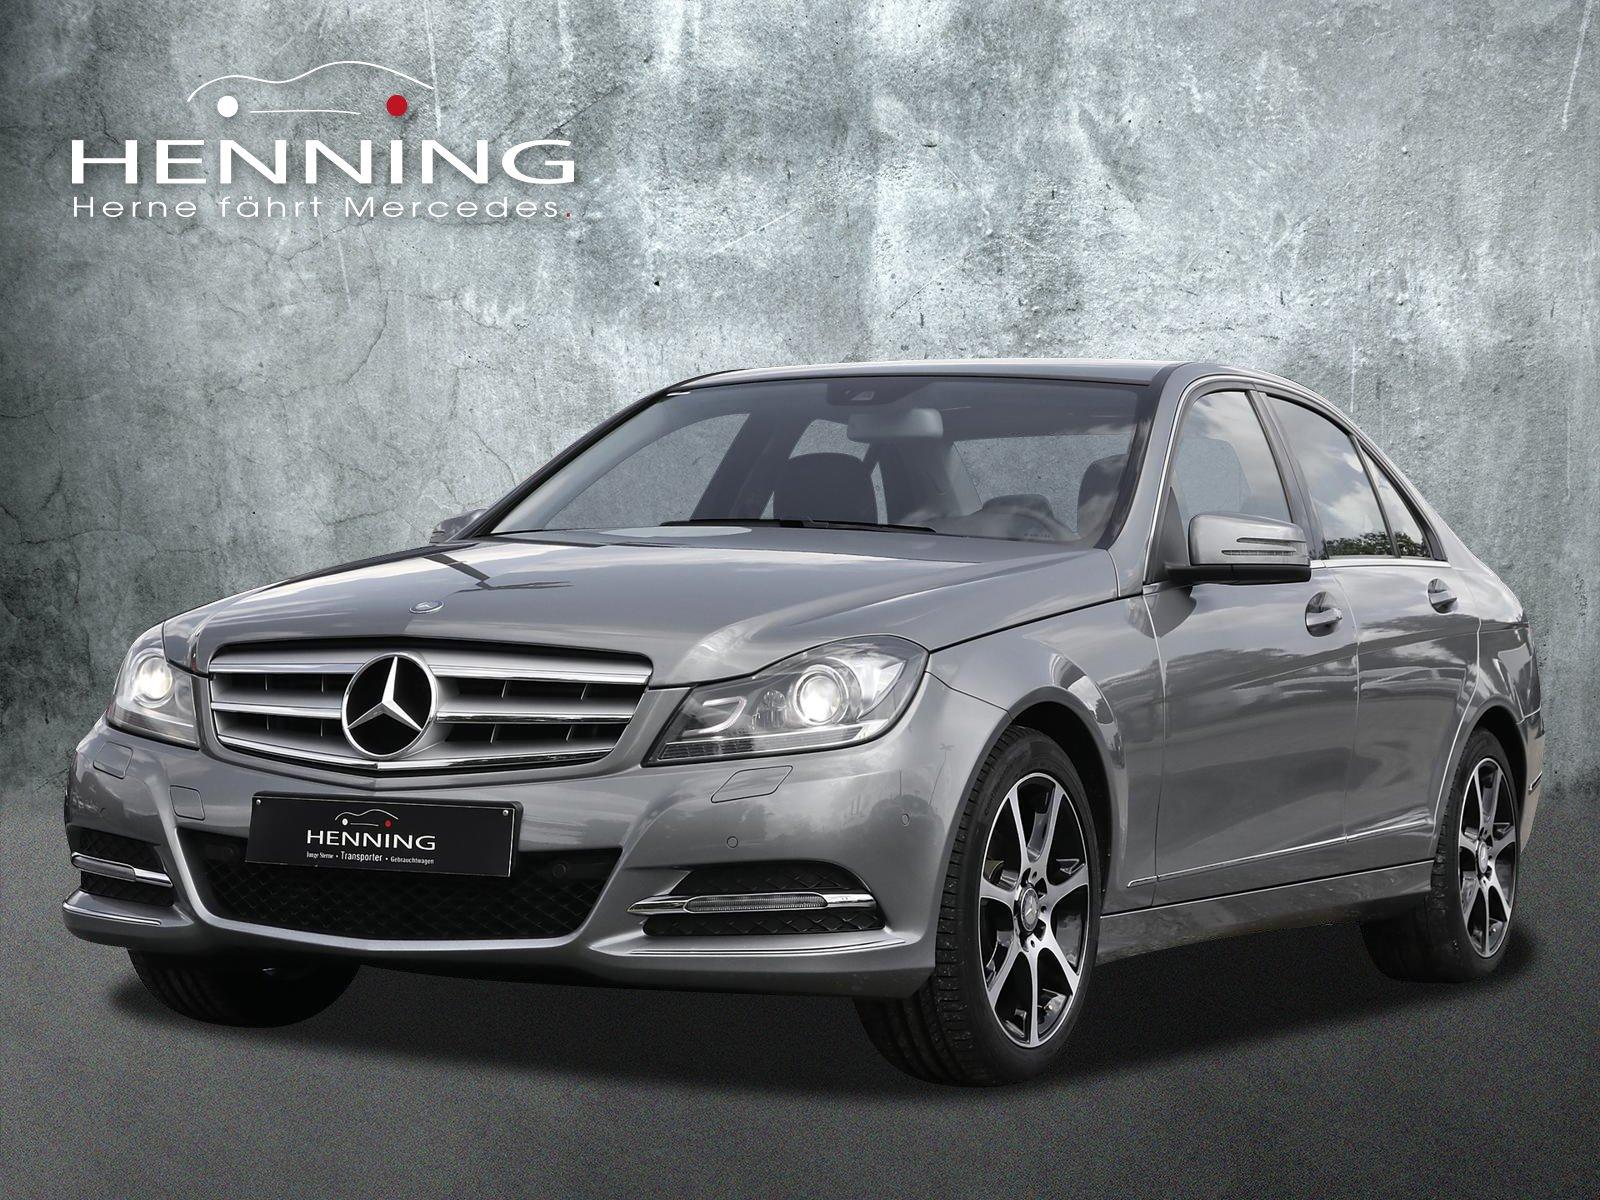 Mercedes-Benz C 180 CGI -Avantgarde-Automatik-Navi-PTS-SHZ-, Jahr 2013, Benzin